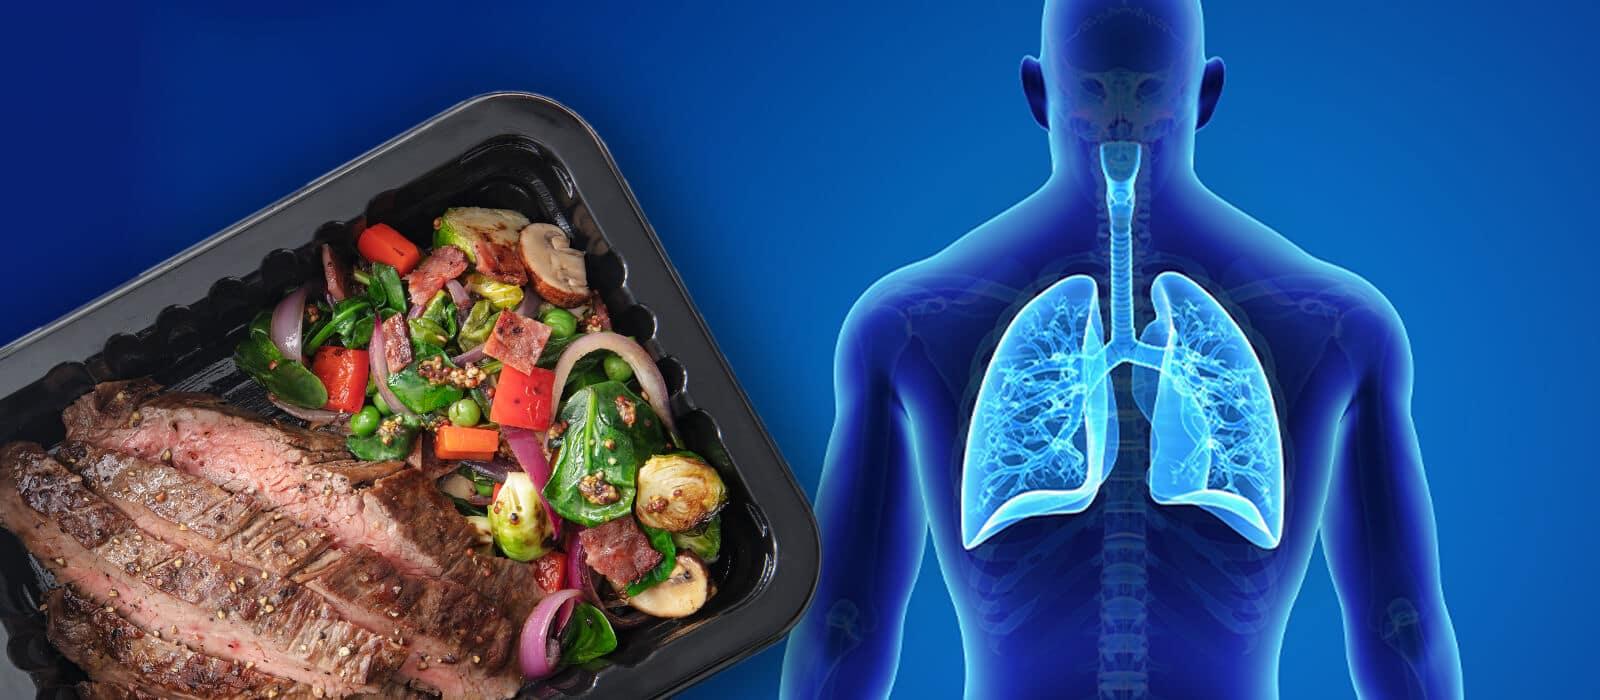 αναπνευστικό σύστημα και τρόφιμα